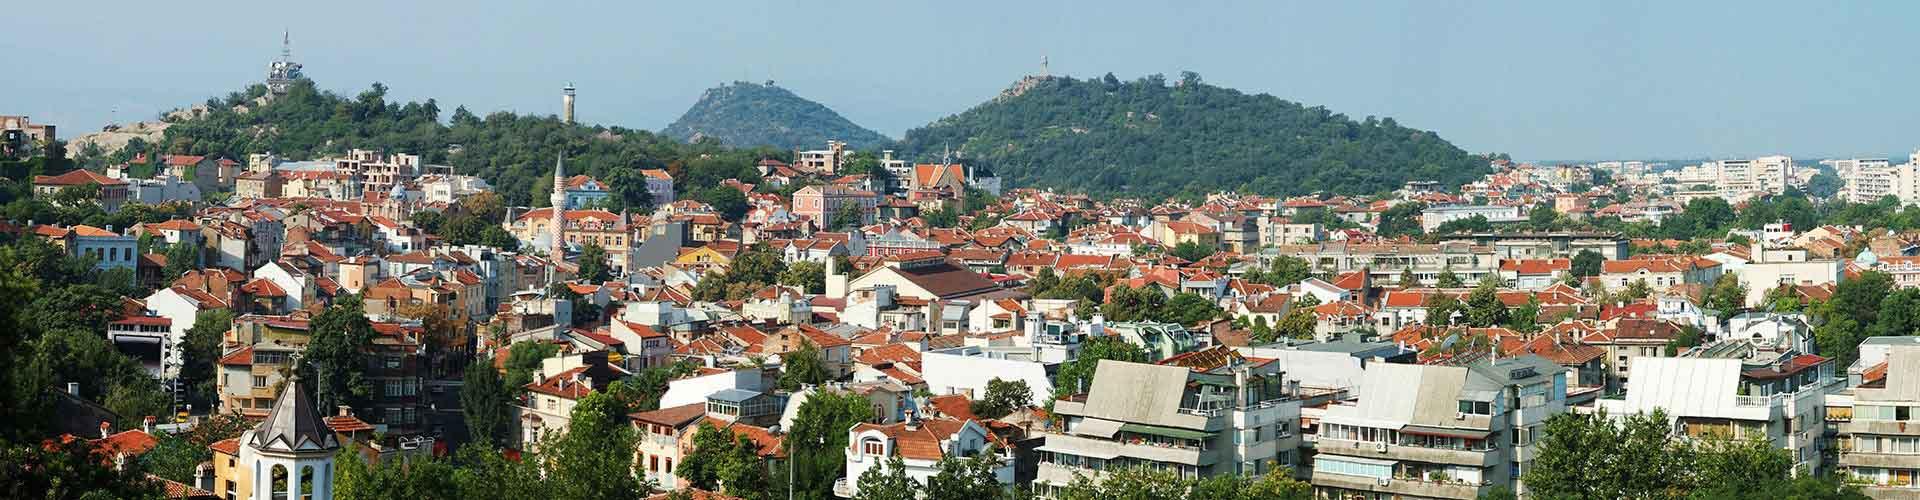 Plovdiv - Hôtels dans le quartier de Rayon Centralen. Cartes pour Plovdiv, photos et commentaires pour chaque hôtel à Plovdiv.